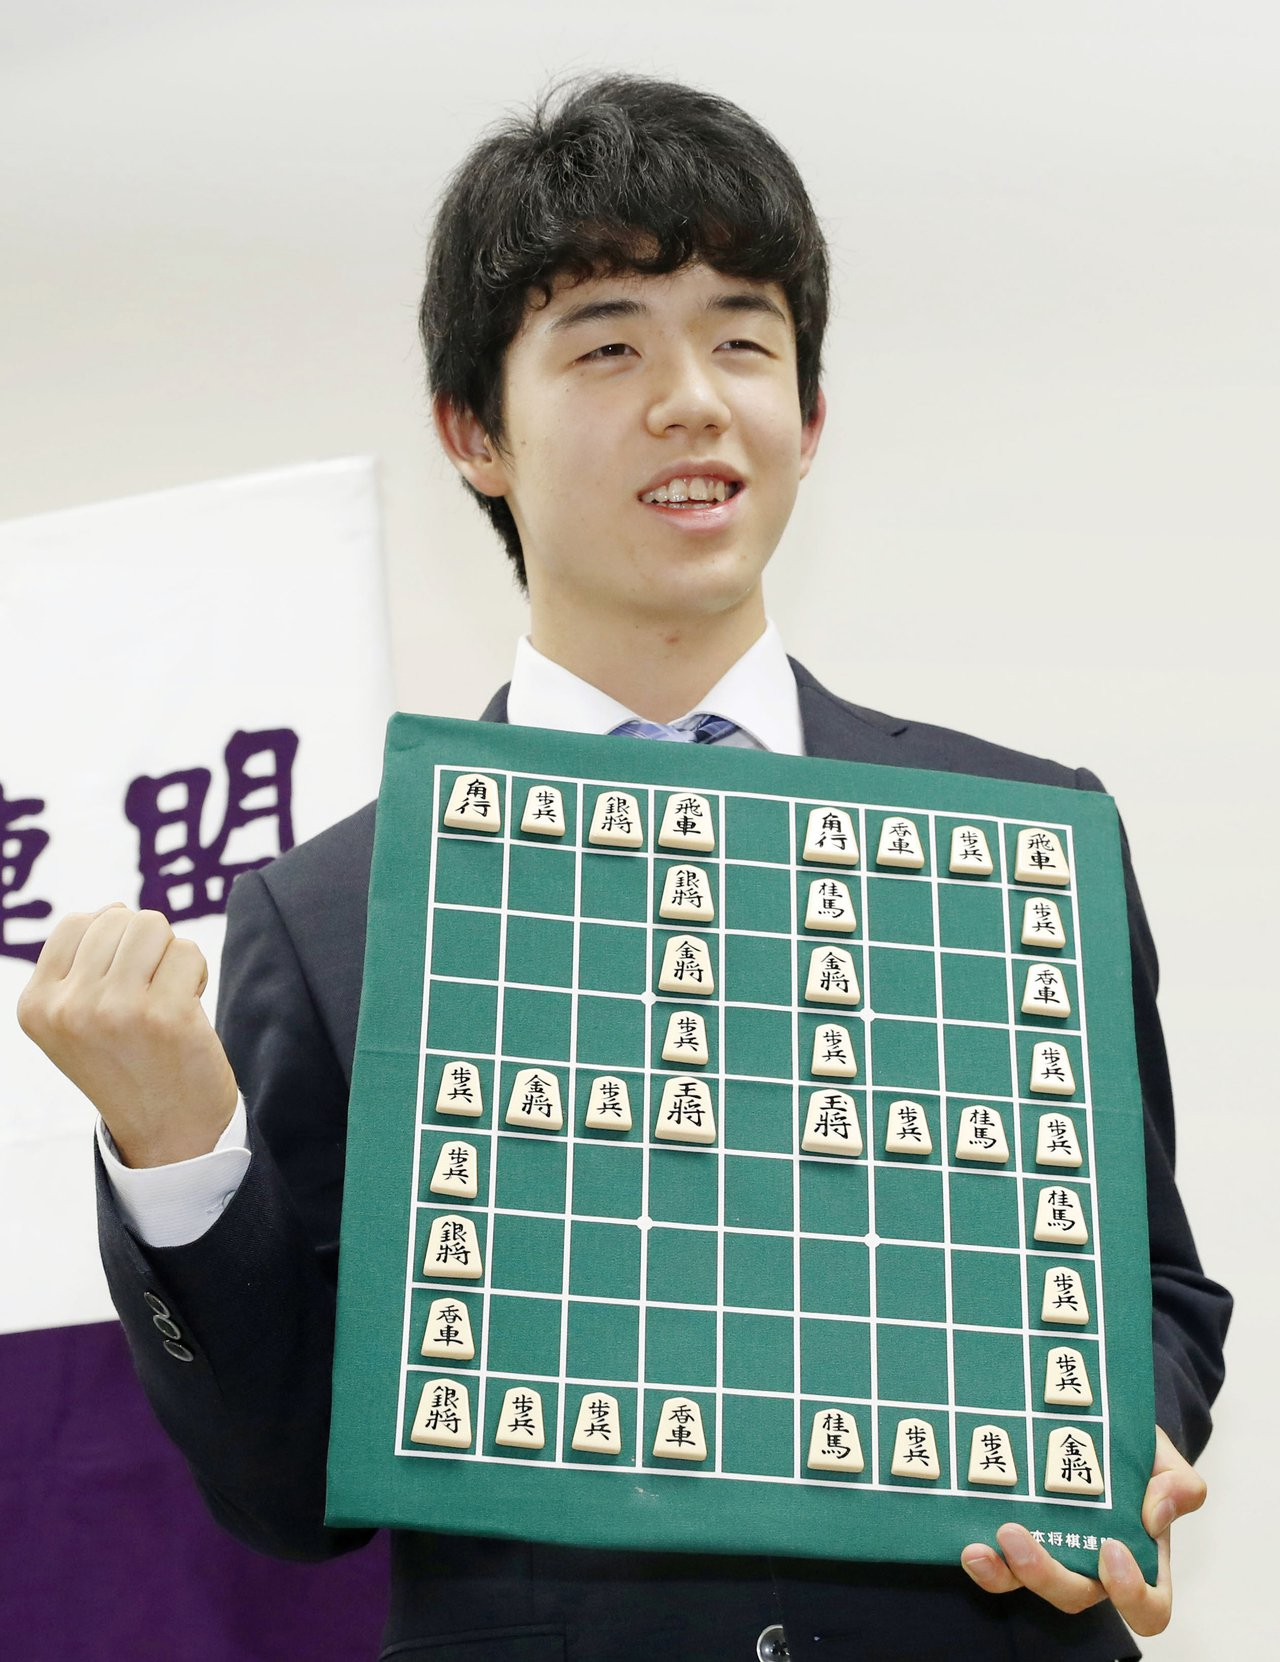 十四歲的日本將棋棋士藤井聰太取得二十九連勝,打破日本將棋三十年新紀錄,因此風靡全...